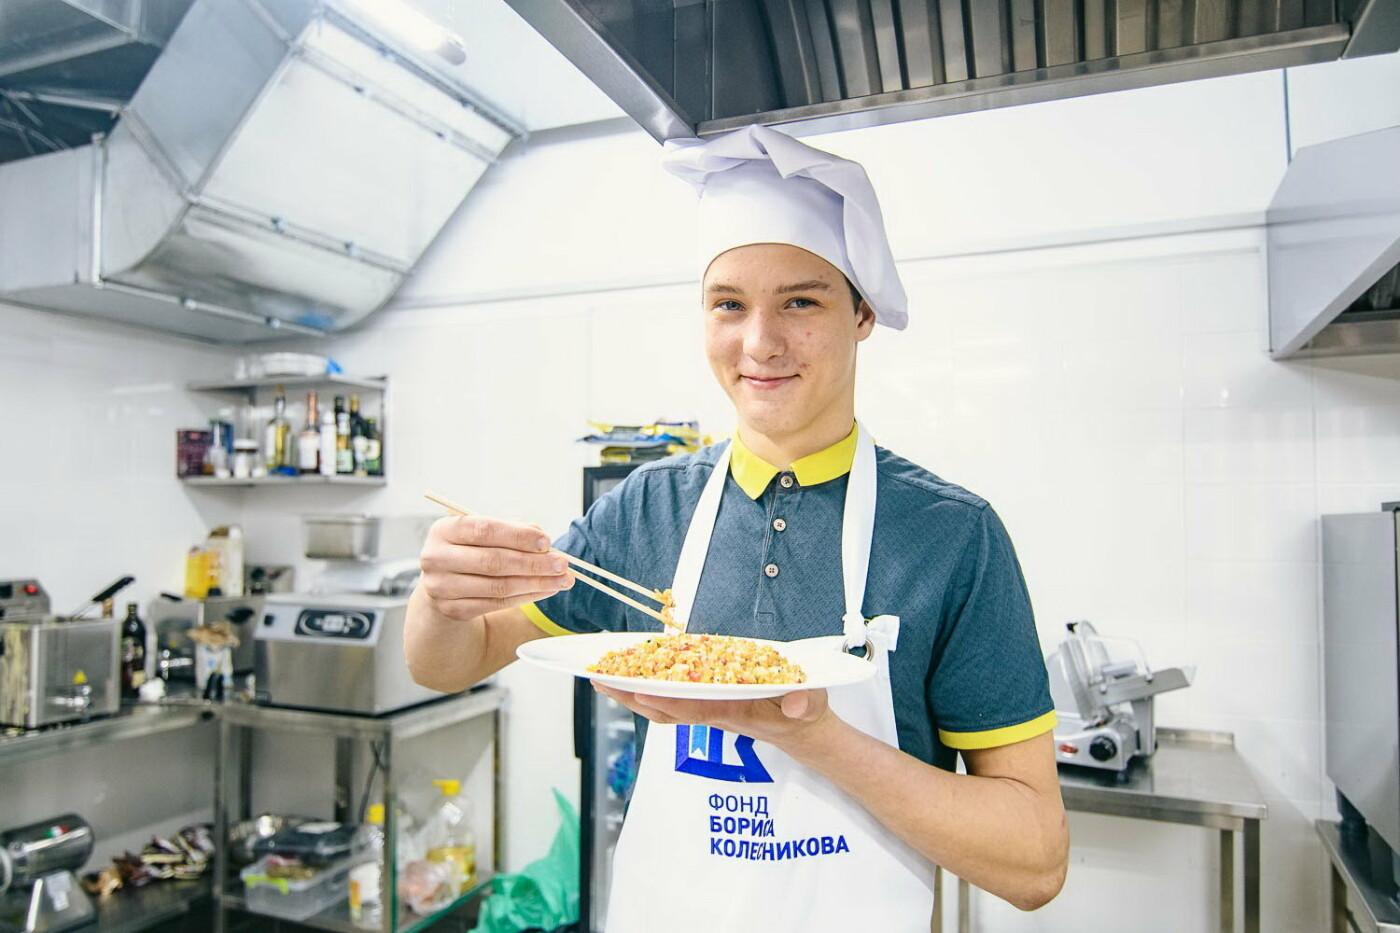 Шеф-повар Сергей Видулин дает бесплатные мастер-классы в Константиновке, фото-1